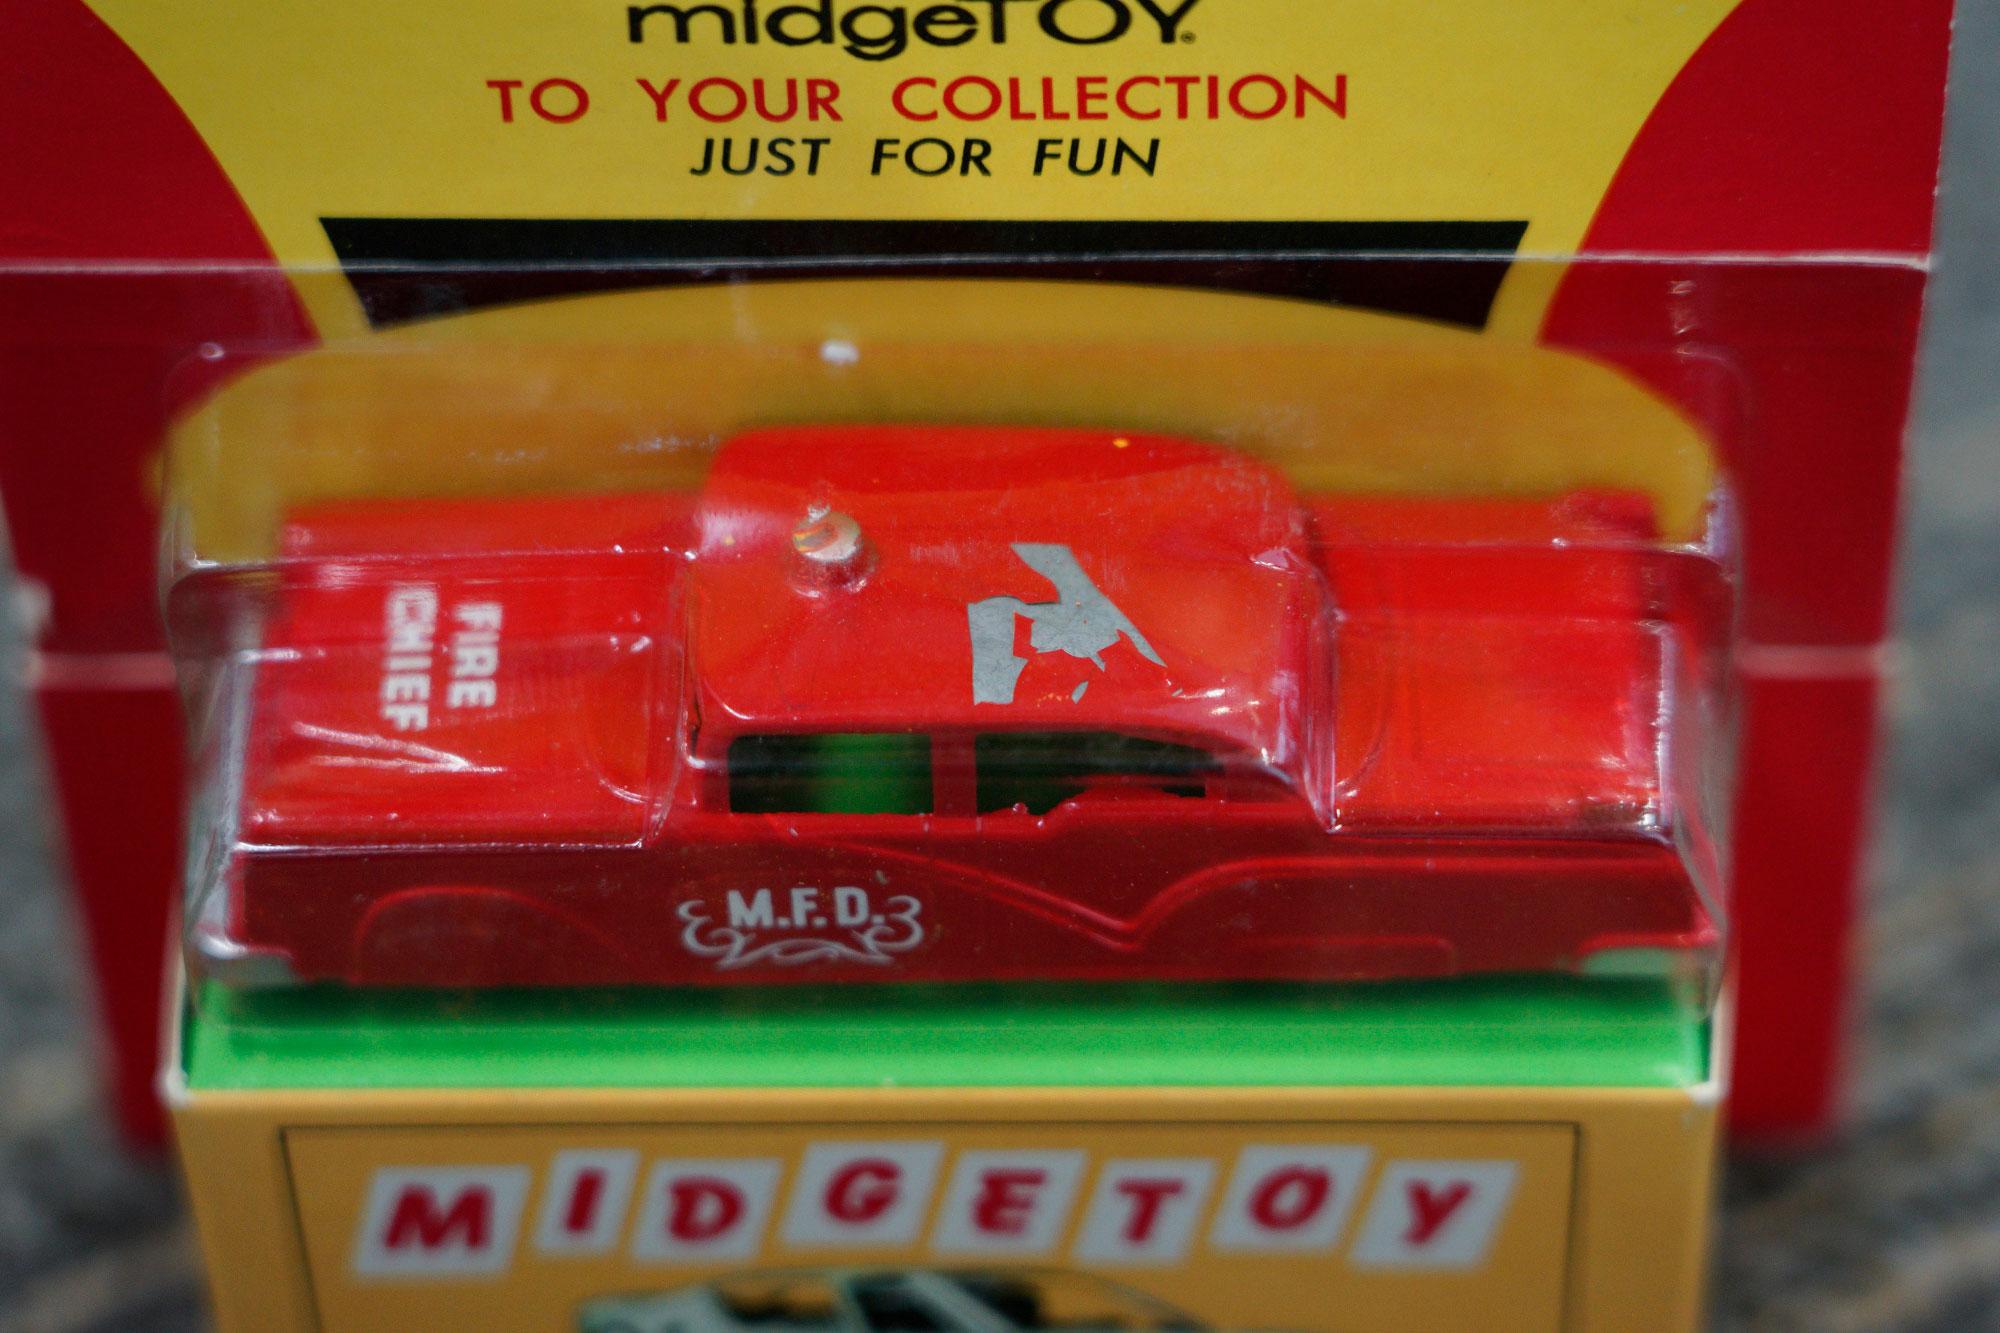 Midgetoy